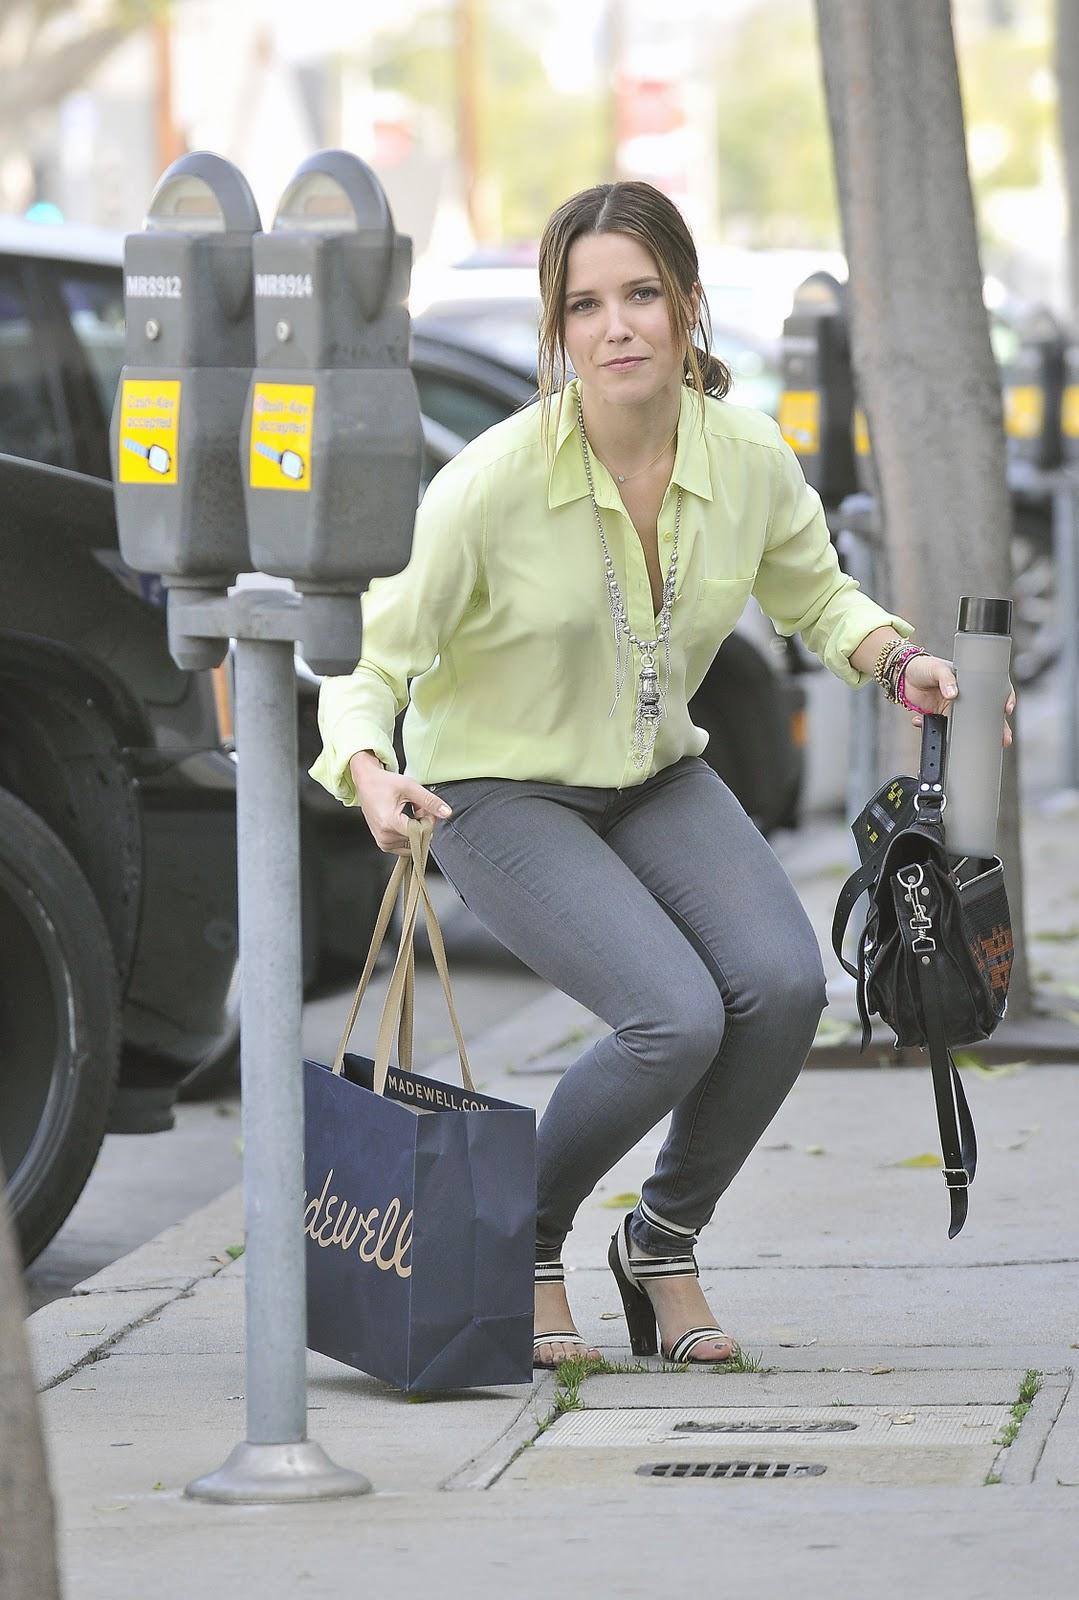 Ladies In Satin Blouses Jan 22 2012